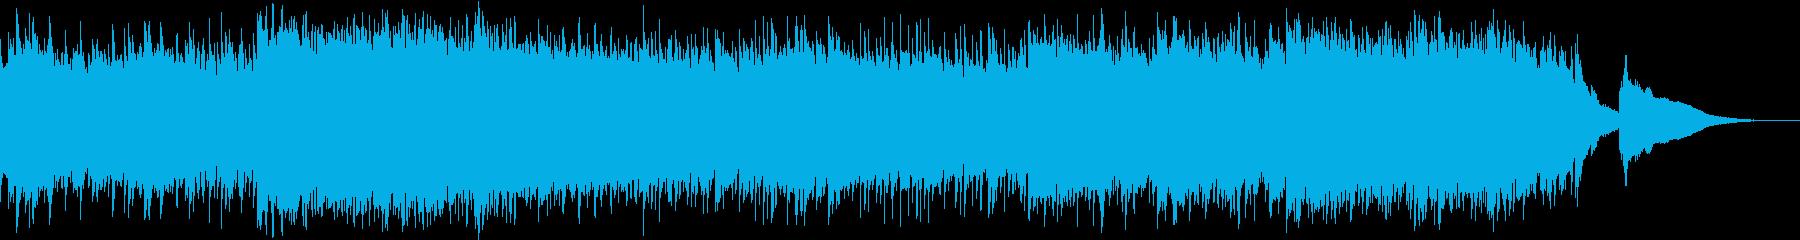 エレキギターの幻想的アンビエントの再生済みの波形